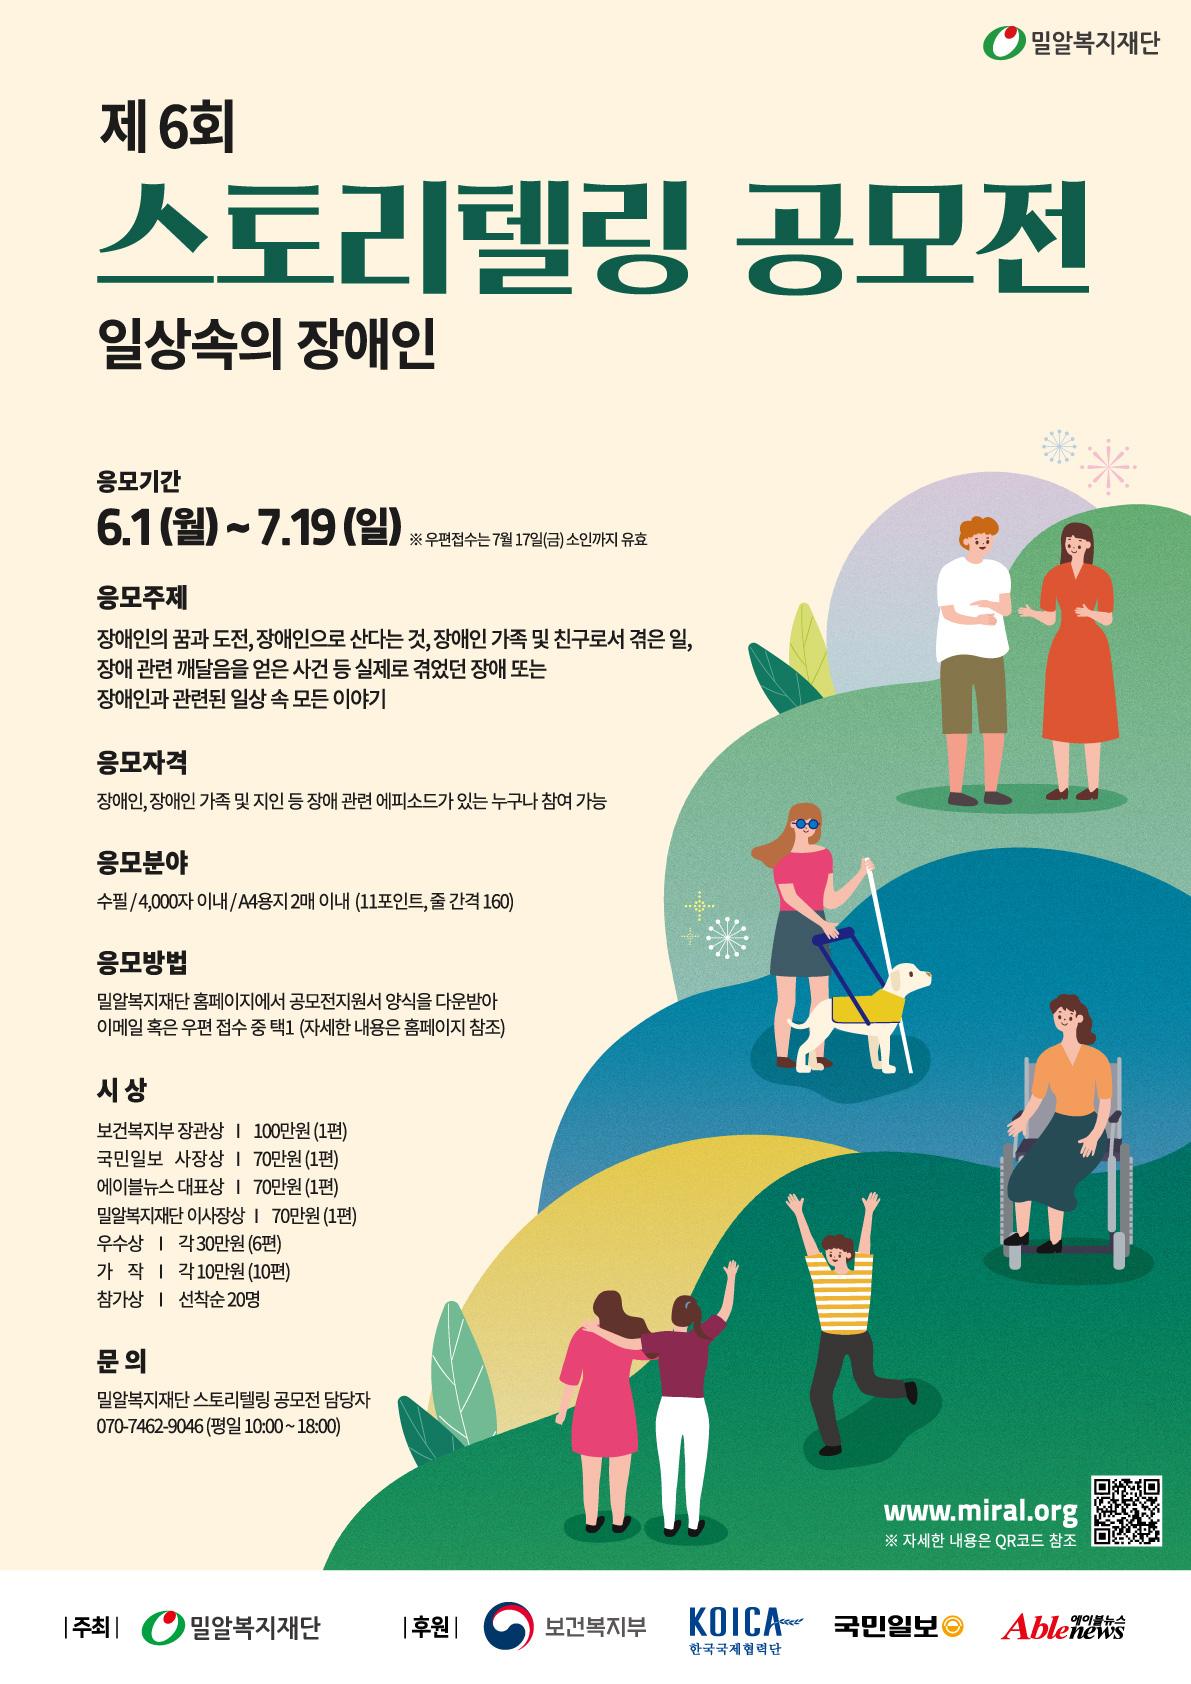 밀알복지재단, 제6회 스토리텔링 공모전 '일상 속의 장애인' 개최